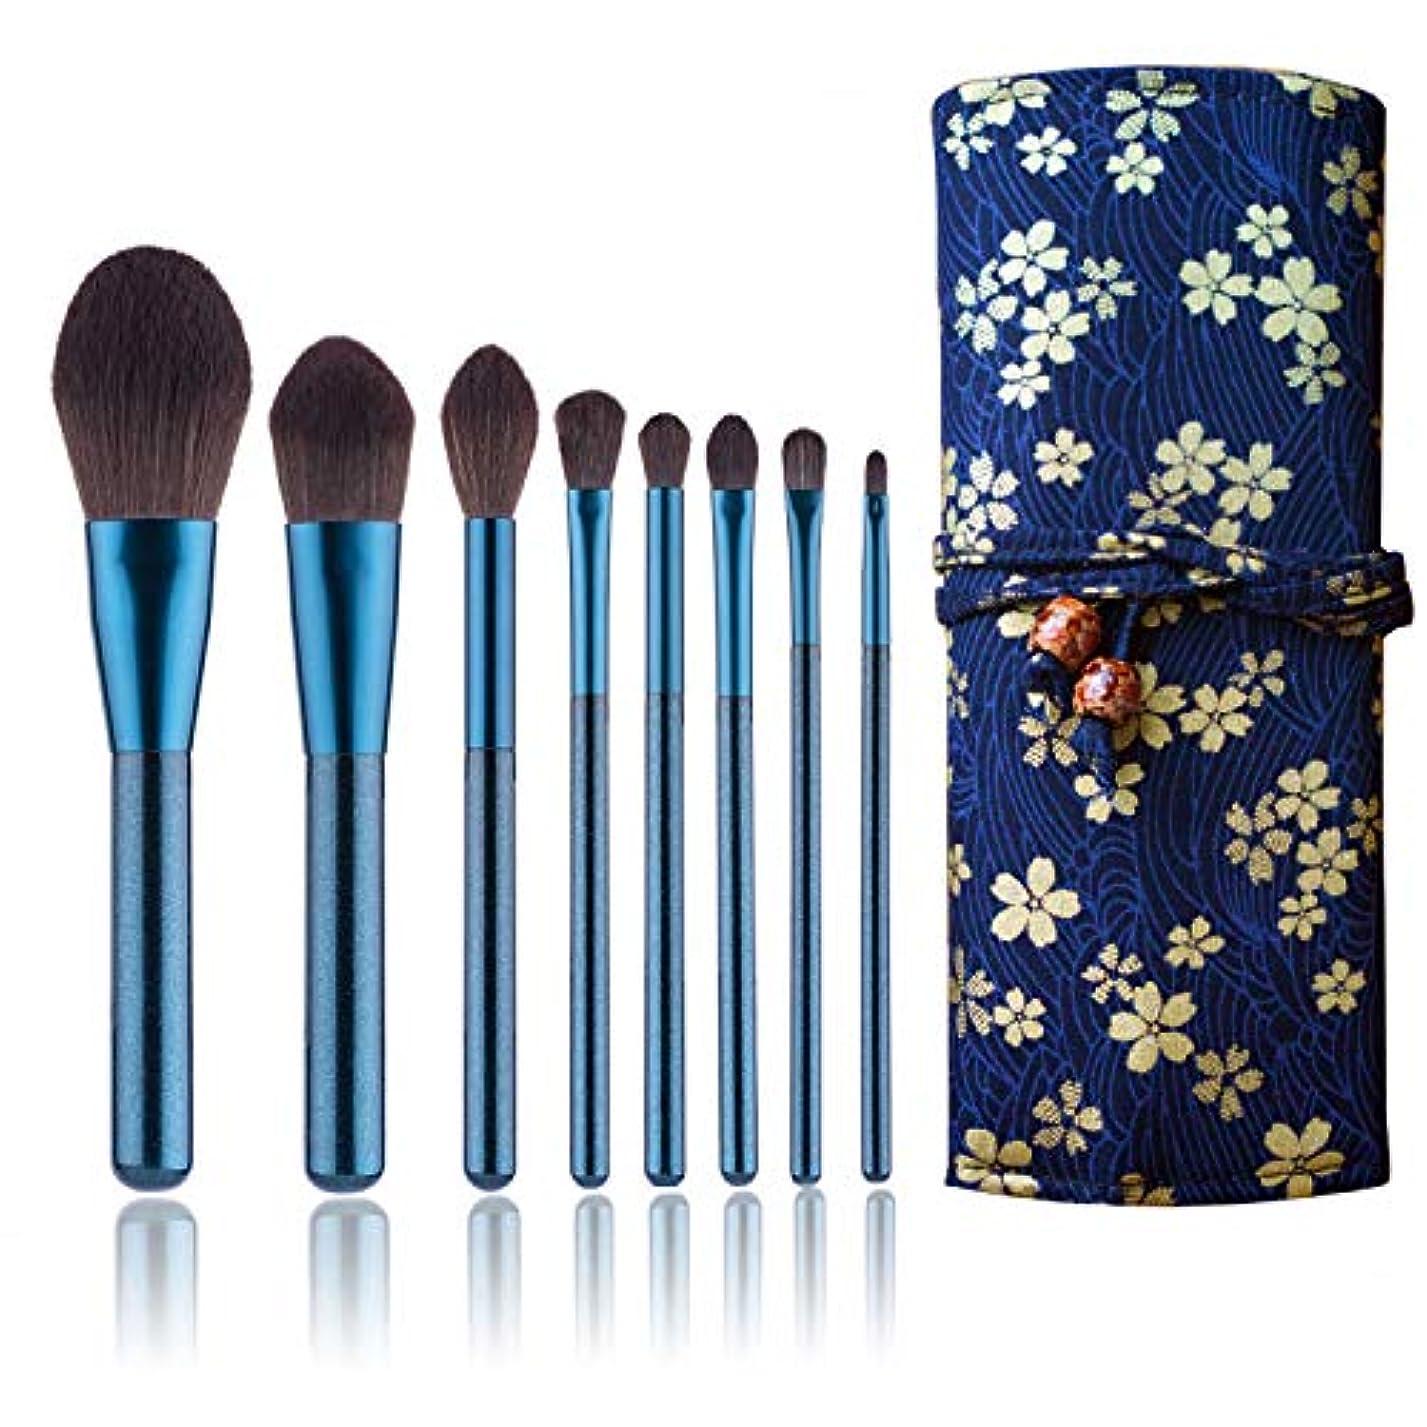 かもしれないむさぼり食う円周ZOE·Y メイクブラシ 8本セット 化粧ブラシ 柔らかい 化粧筆 可愛い 化粧ポーチ付き 携帯便利 誕生日プレゼントゃギフトにもおすすめ makeup brushes